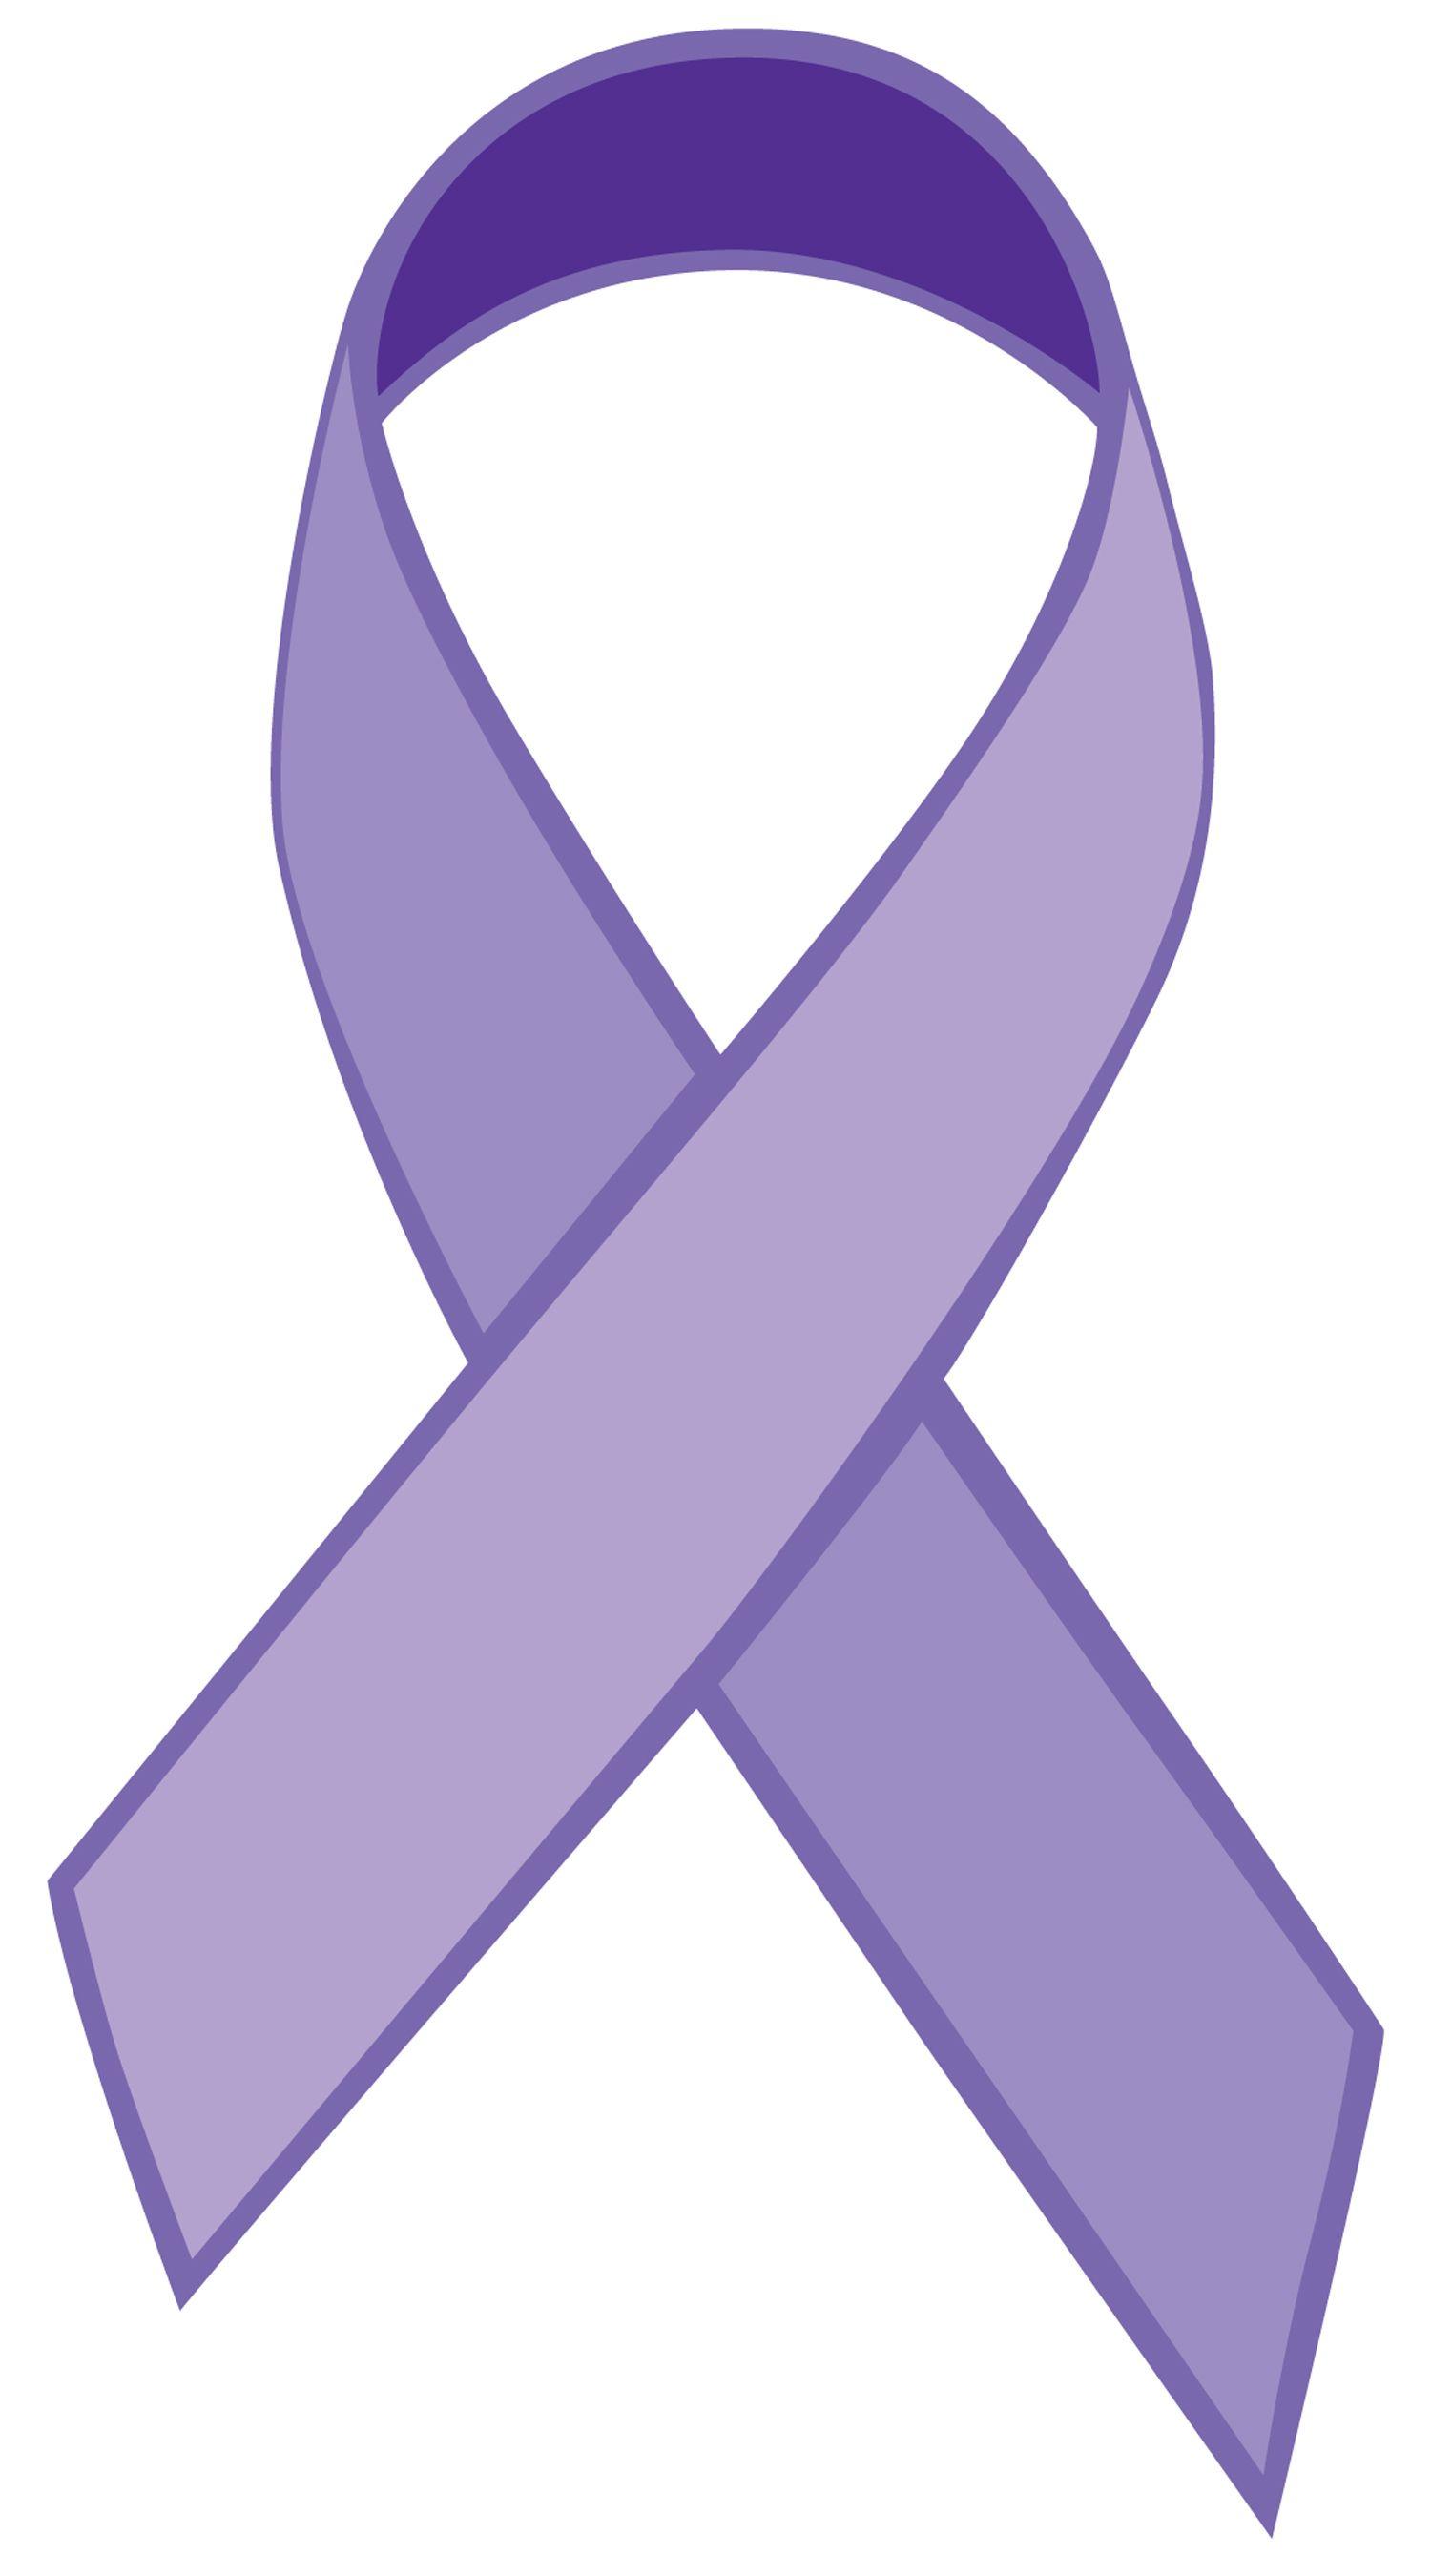 hodgkin lymphoma ribbon clip art #1.